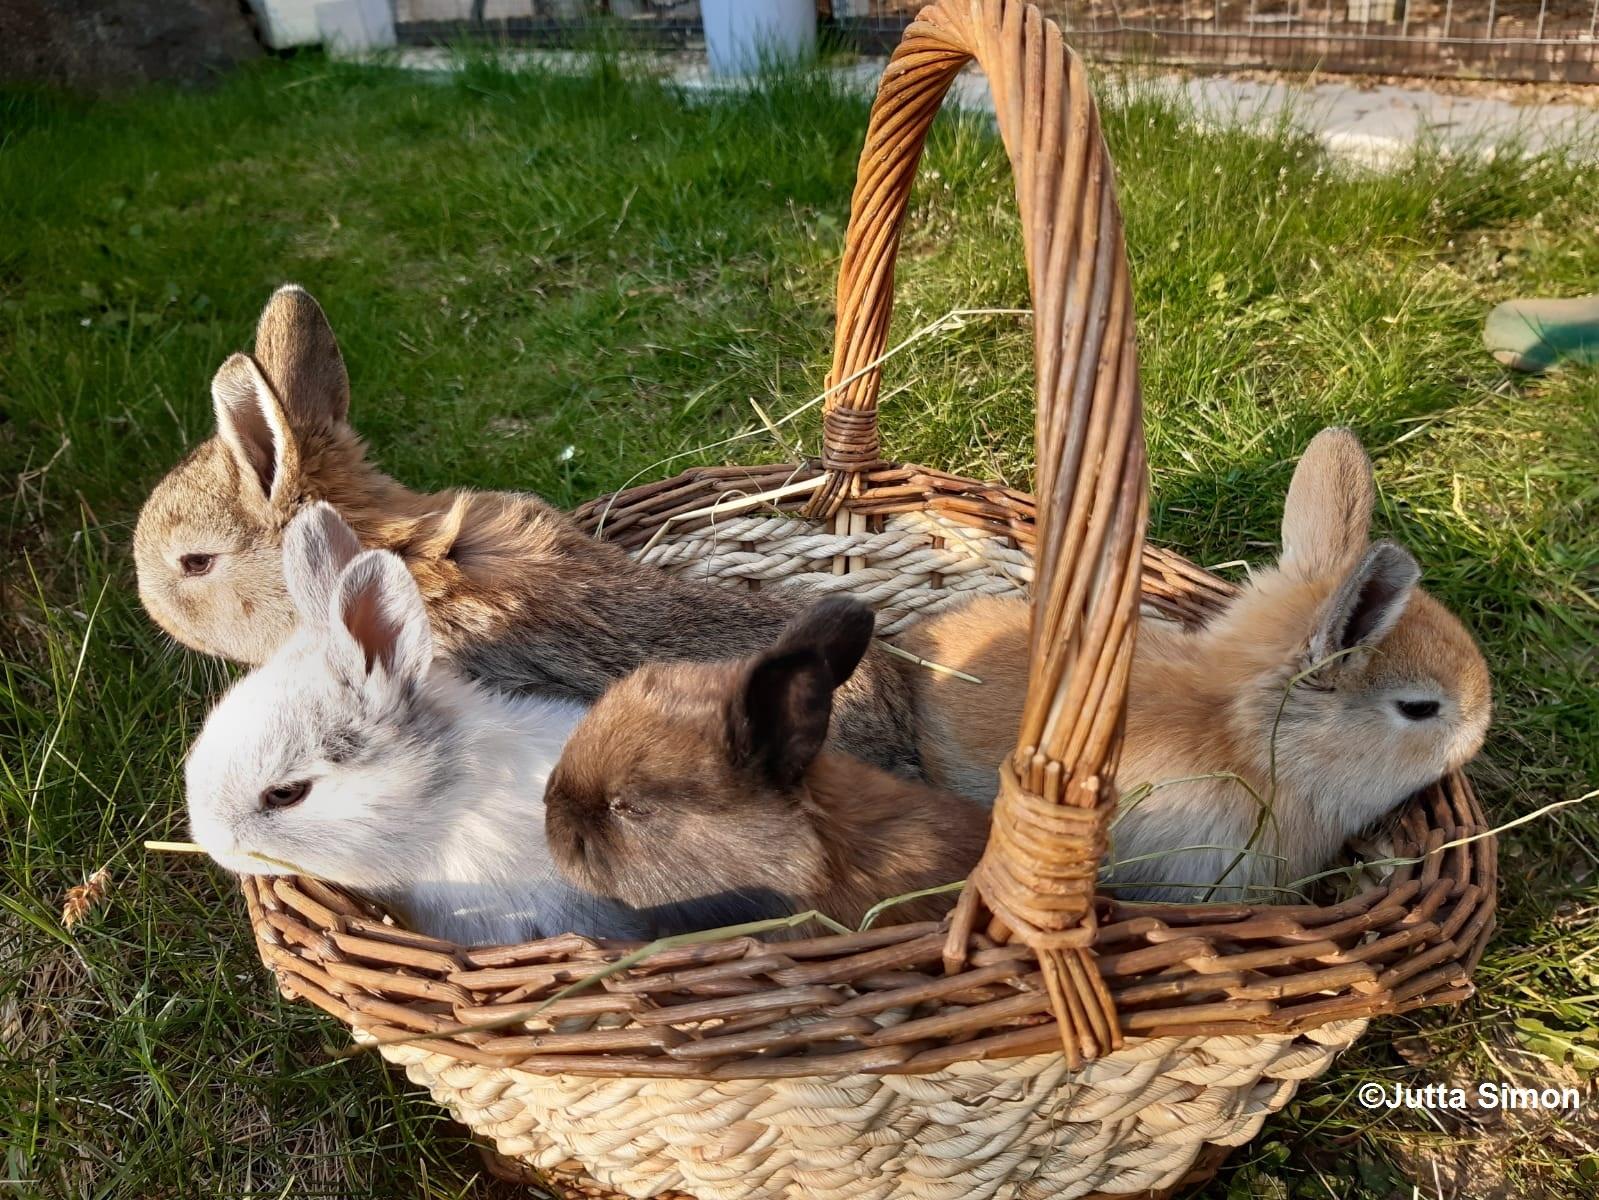 Vier kleine, verschiedenfarbige Hasen sitzen in einem Weidekorb auf einer grünen Wiese